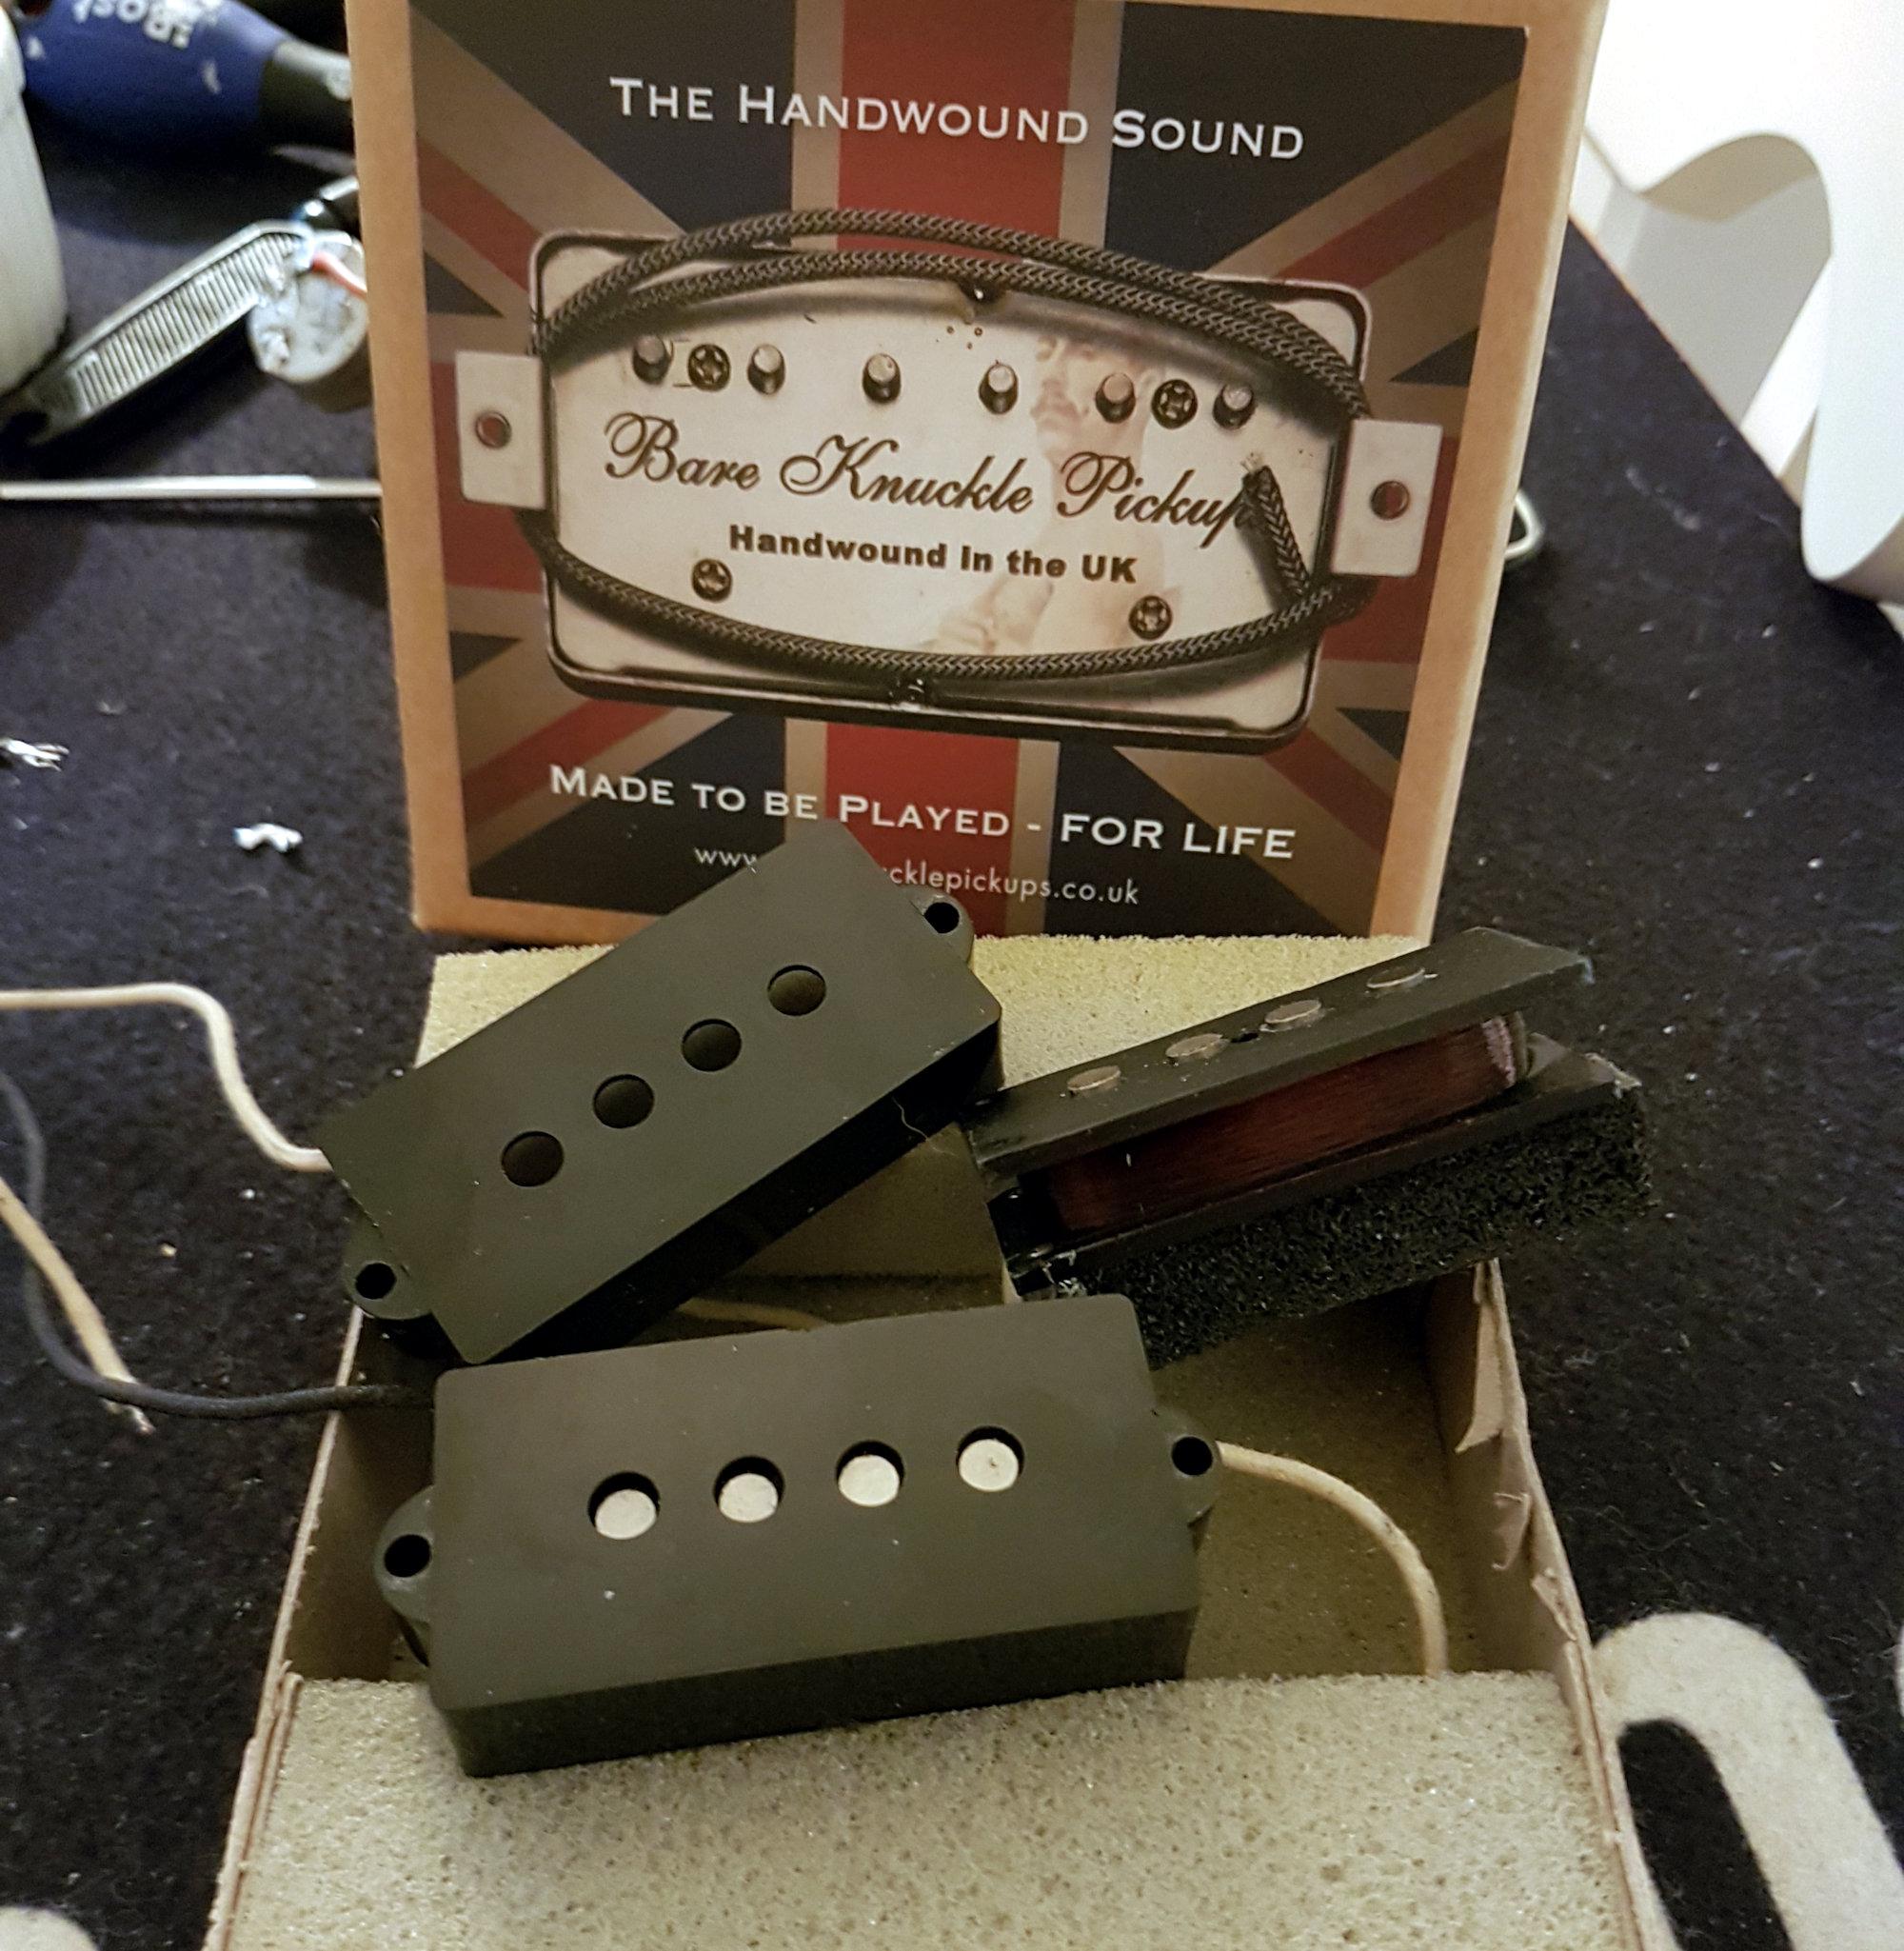 Warpig - Bare Knuckle Pickups Warpig - Audiofanzine